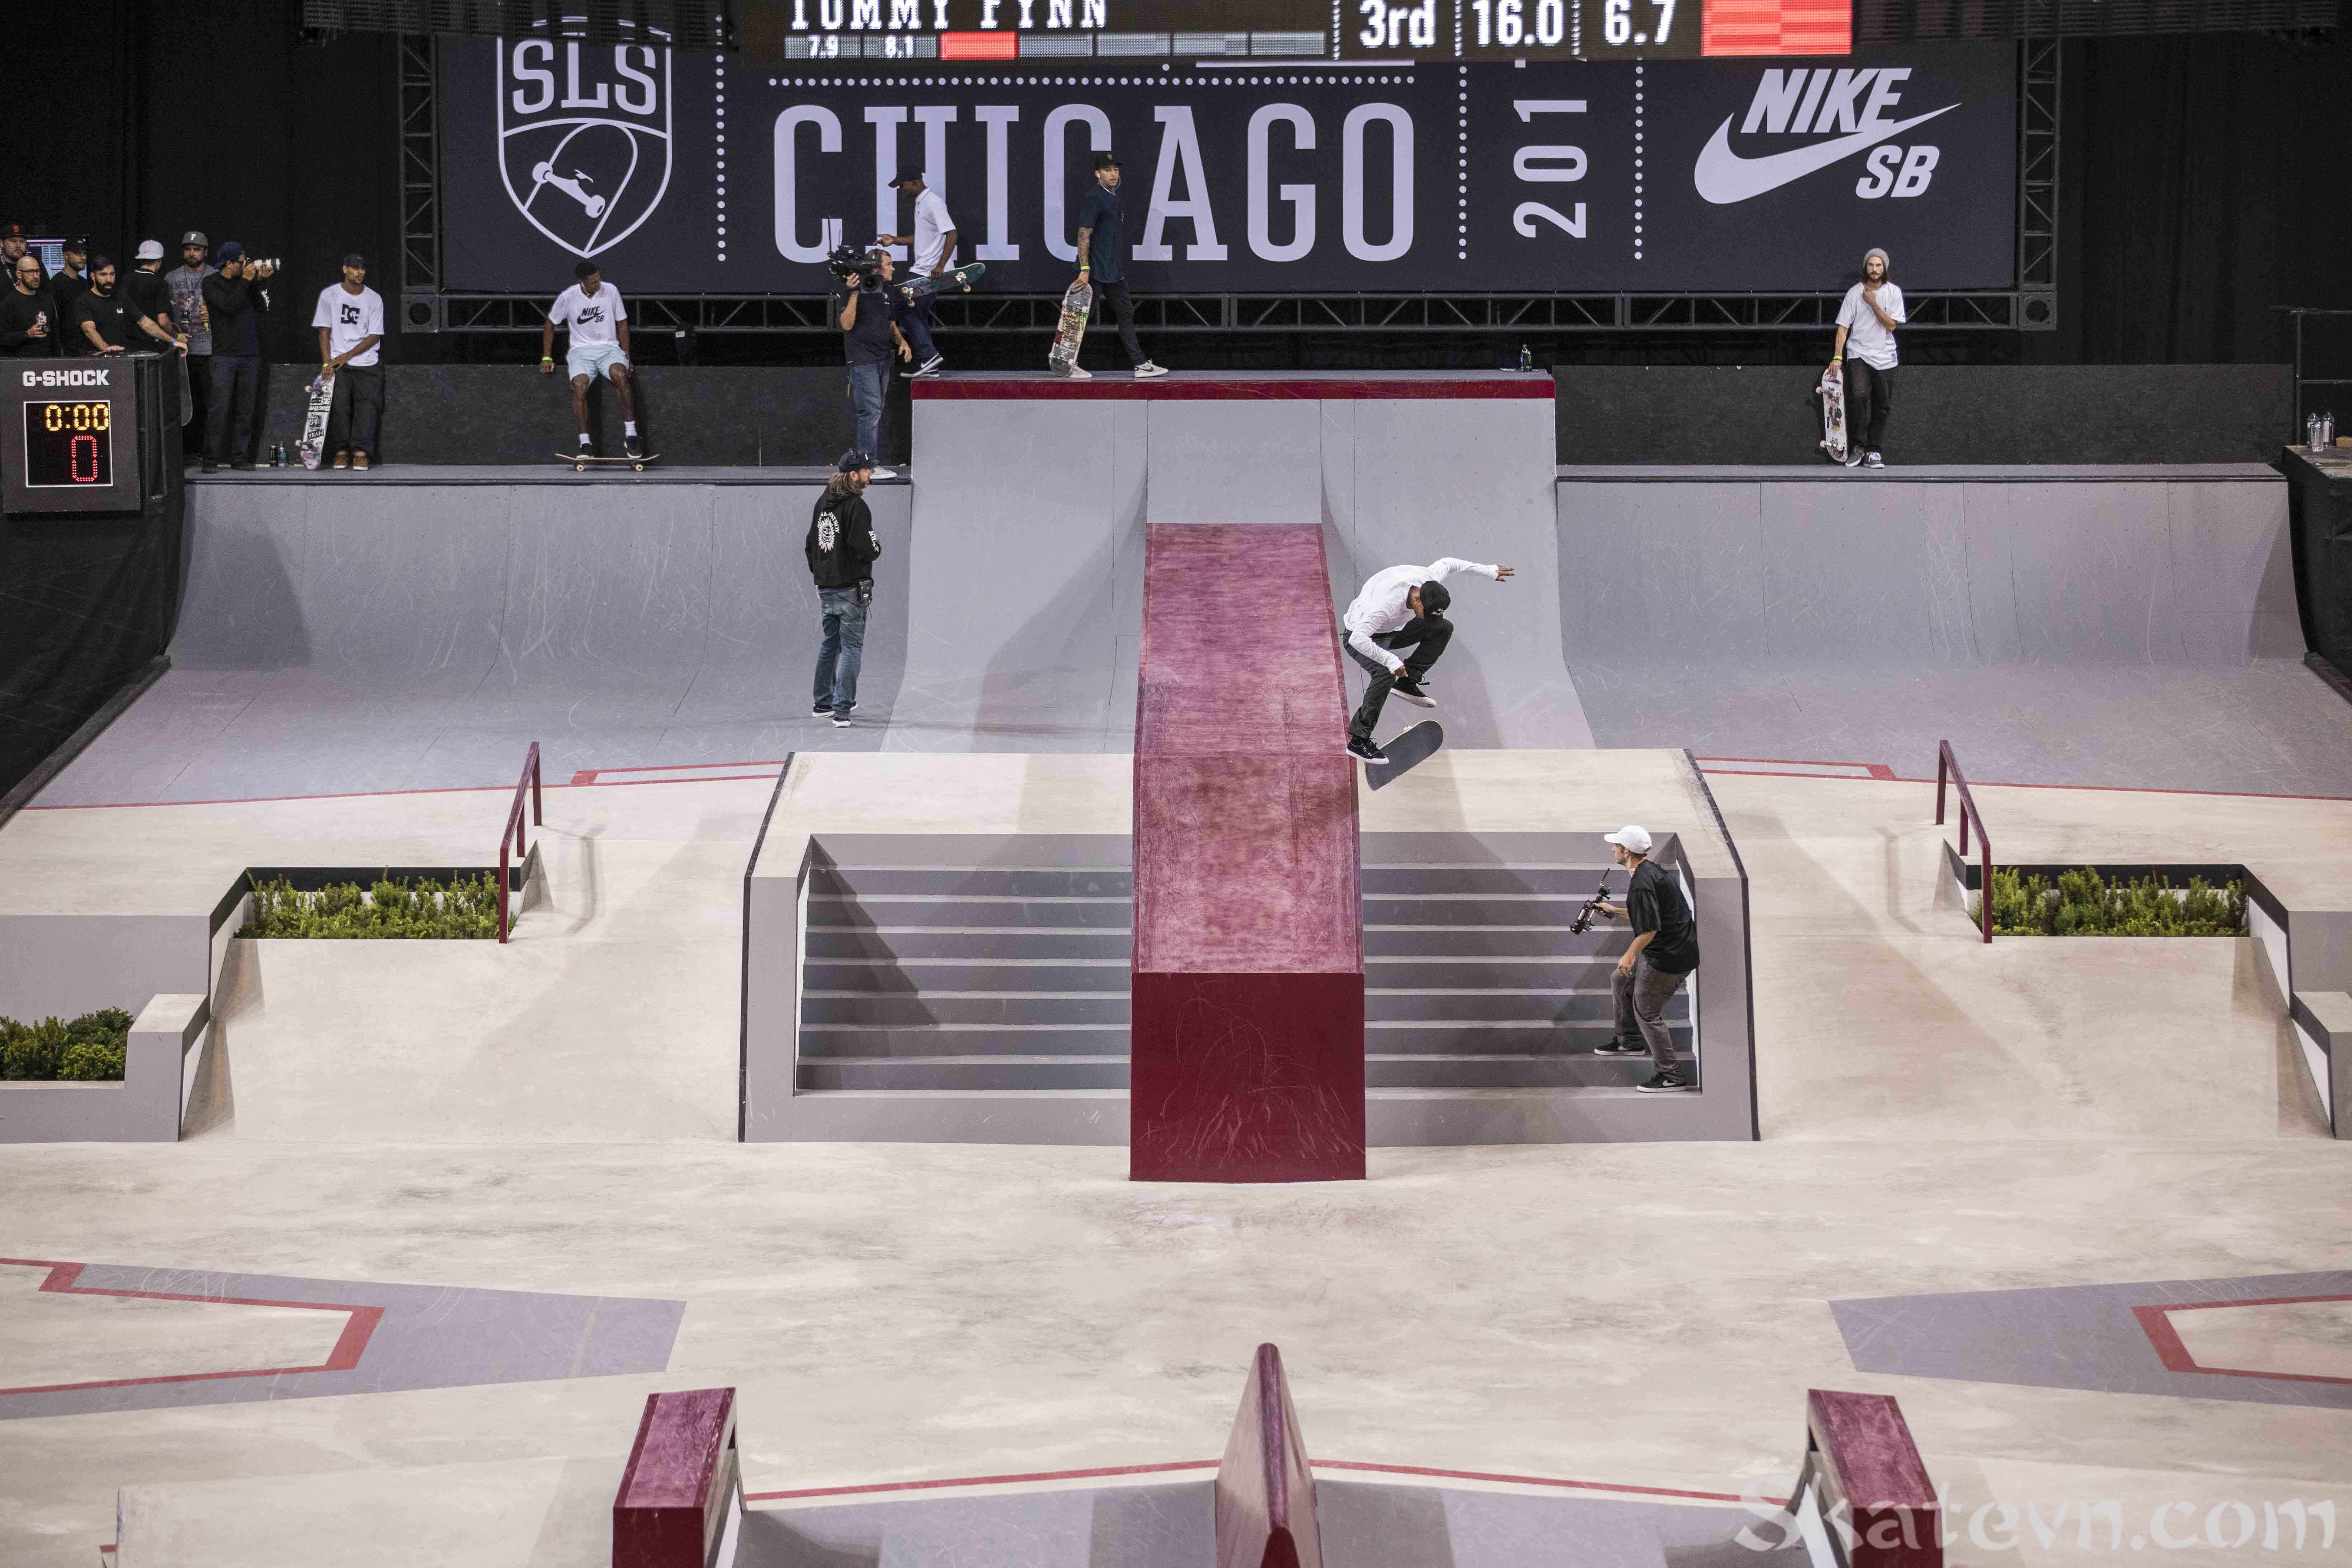 giải trượt ván lớn nhất thế giới chicago 2017